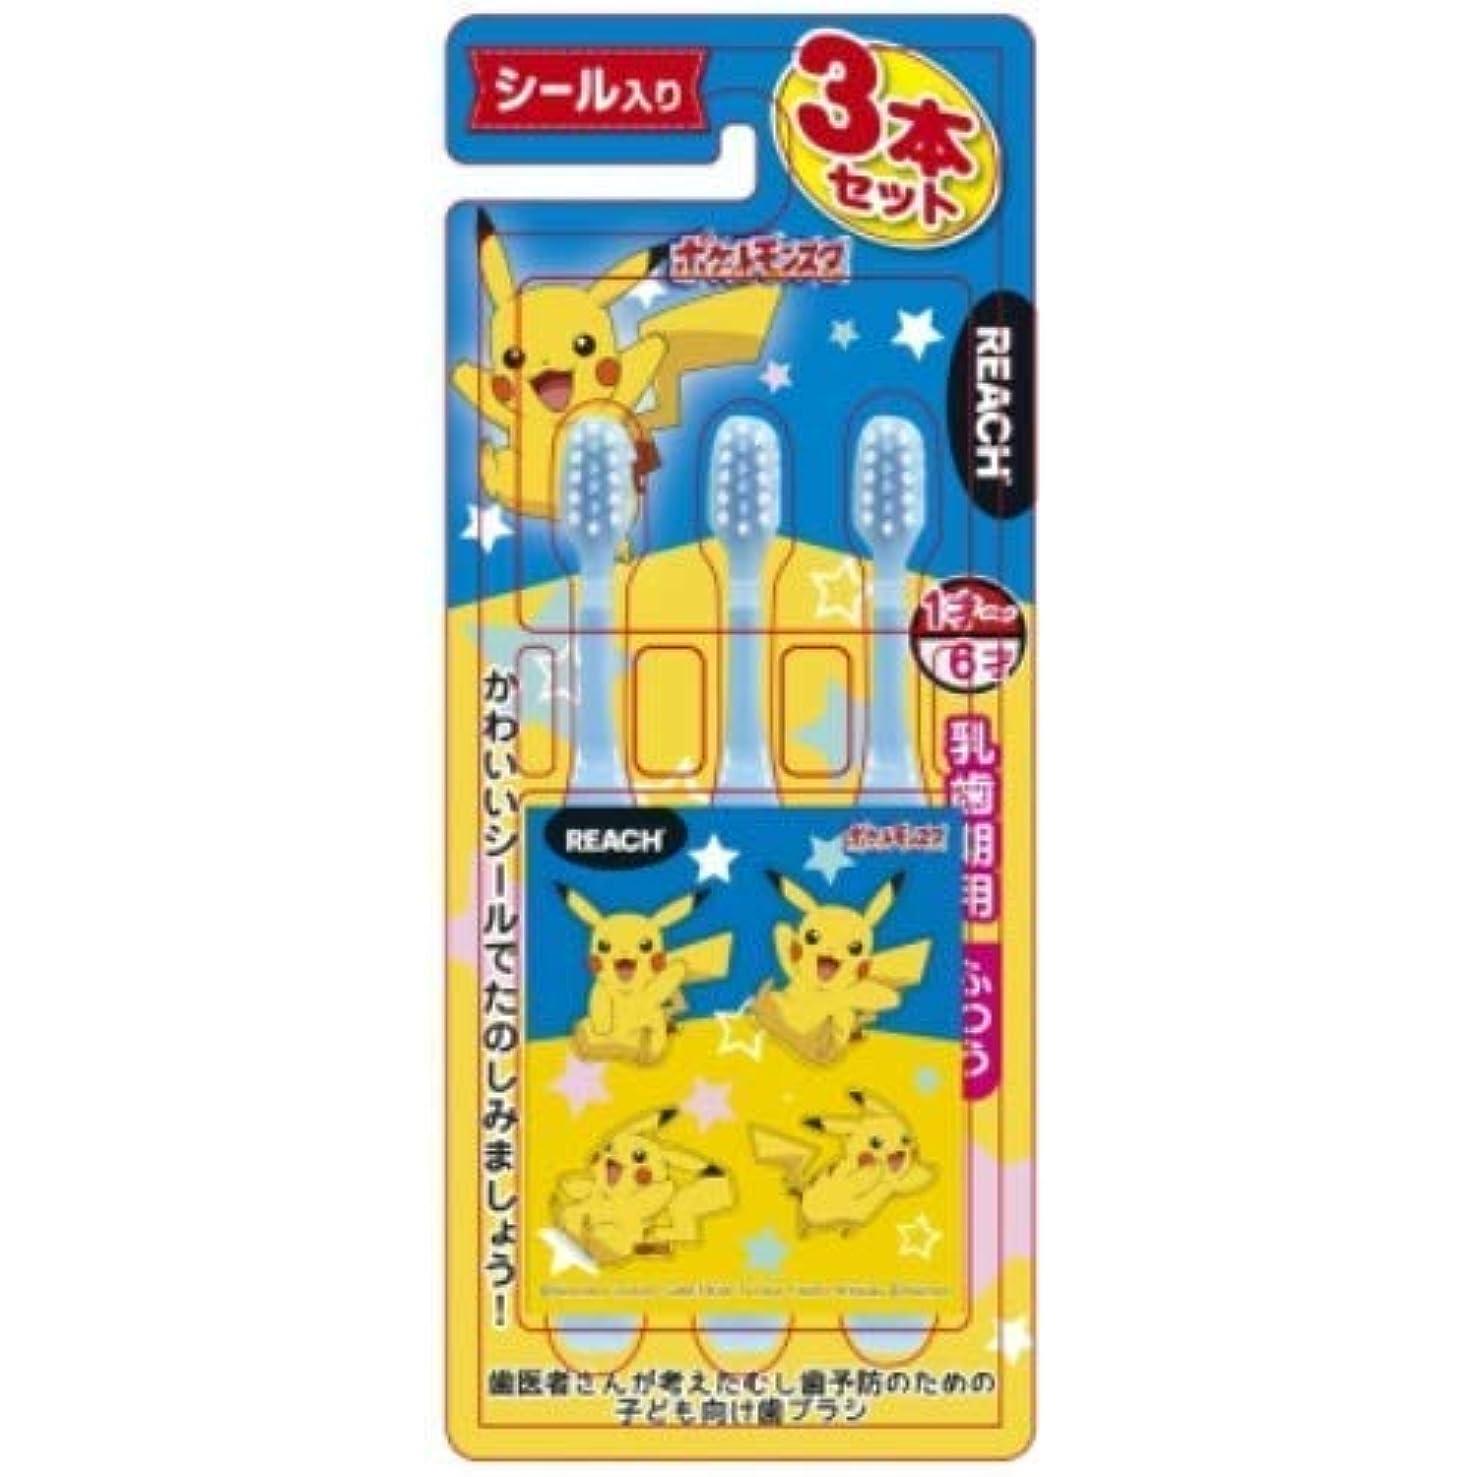 電池野な削るリーチキッズ3本(シール入り) ポケモン 乳歯期用 × 4個セット